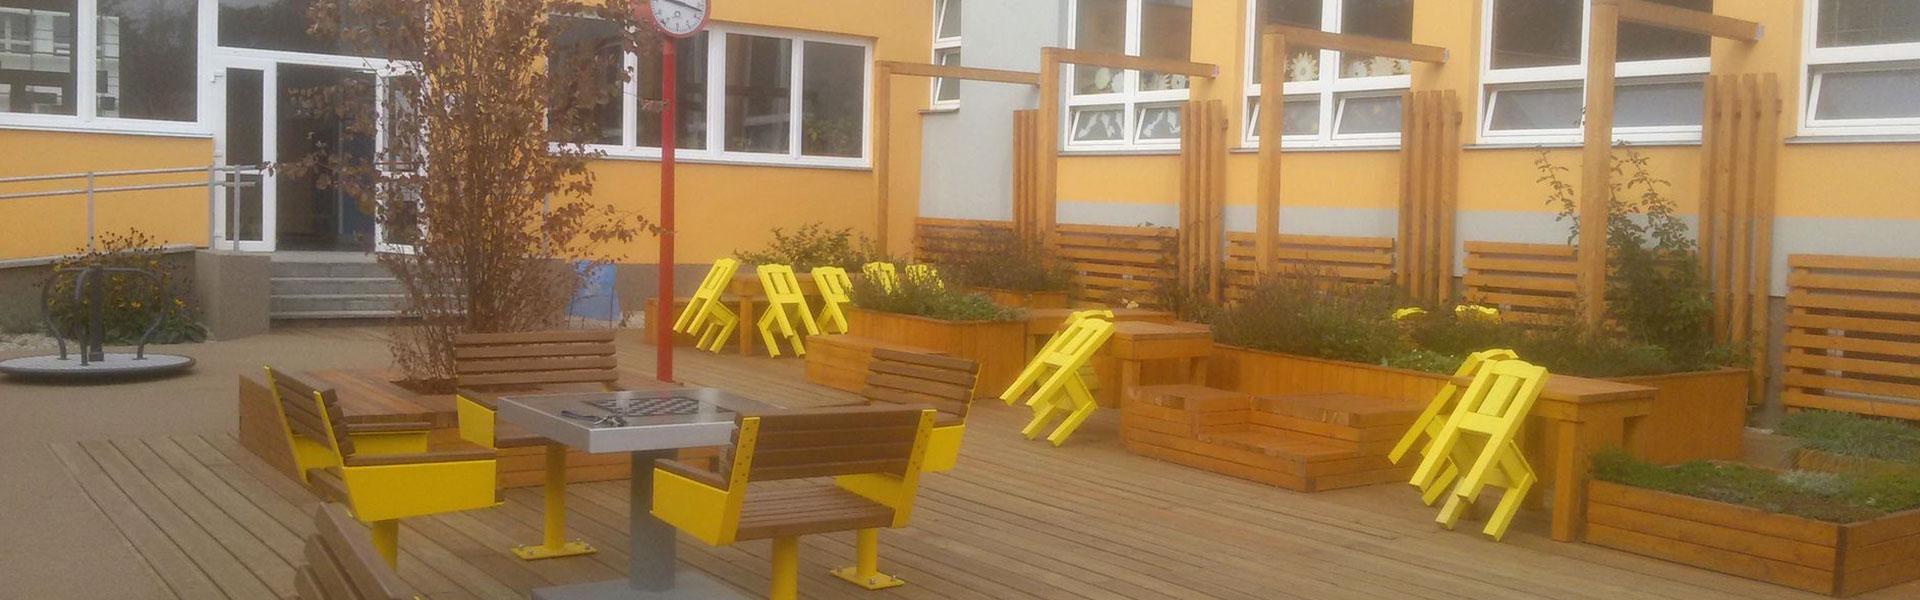 Základní škola s podporou rozvoje čtenářské a matematické gramotnosti, Karlovy Vary